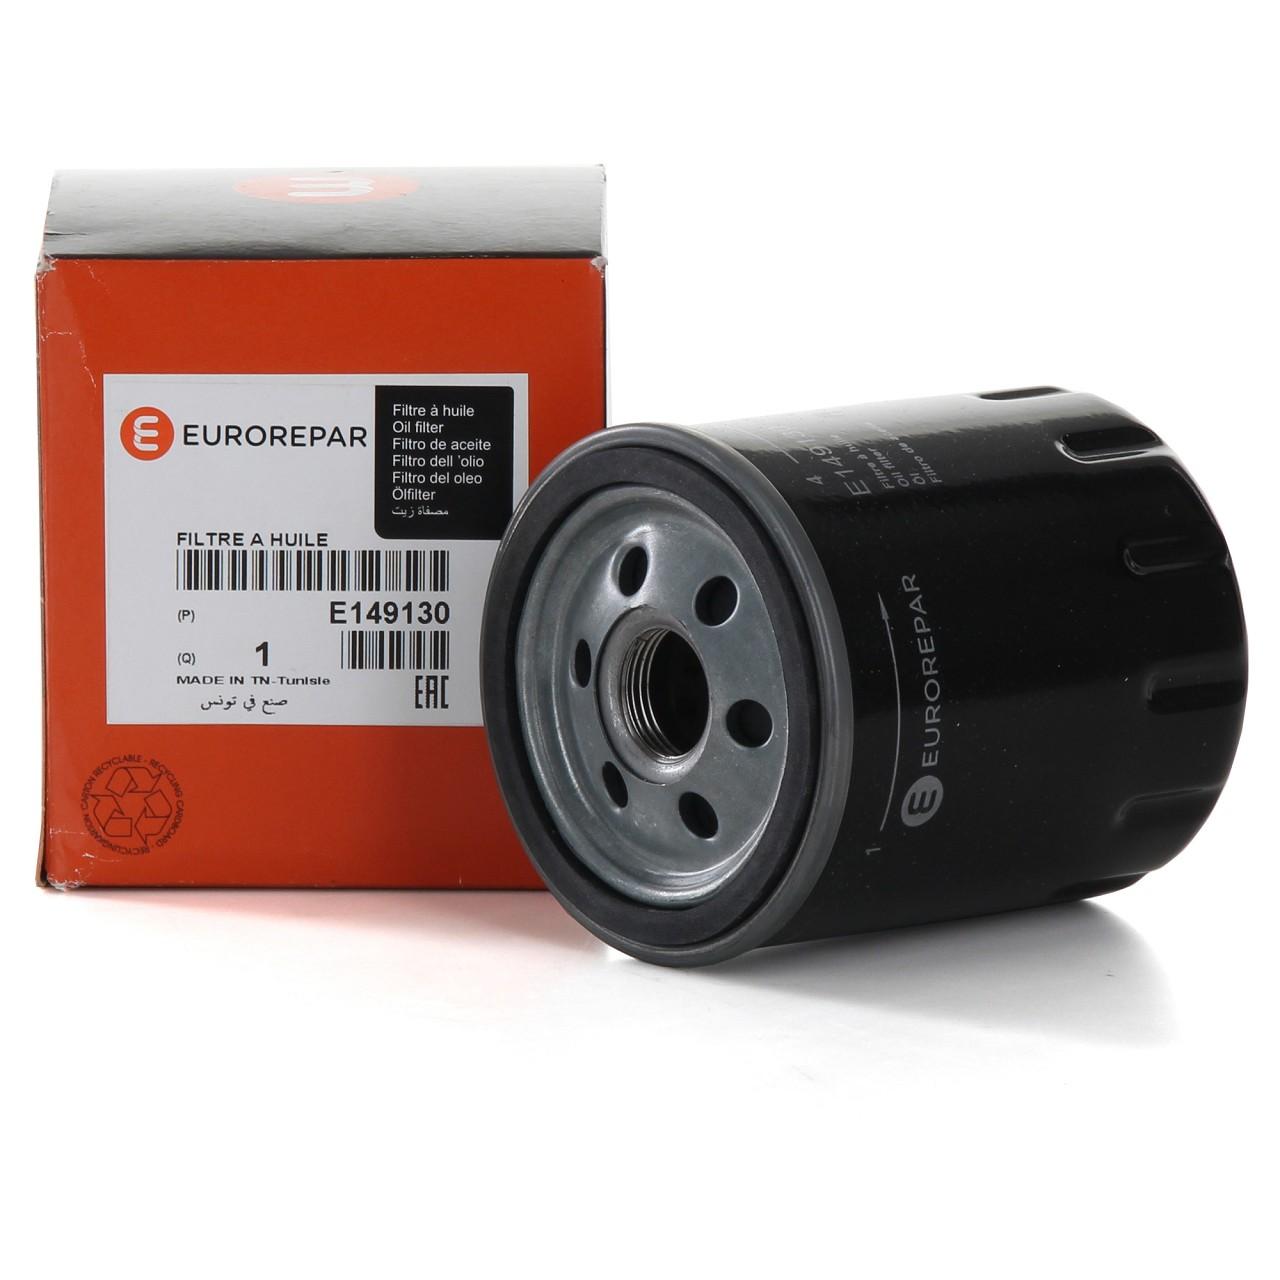 ORIGINAL Citroen Peugeot EUROREPAR Ölfilter Motorölfilter inkl. Dichtung E149130